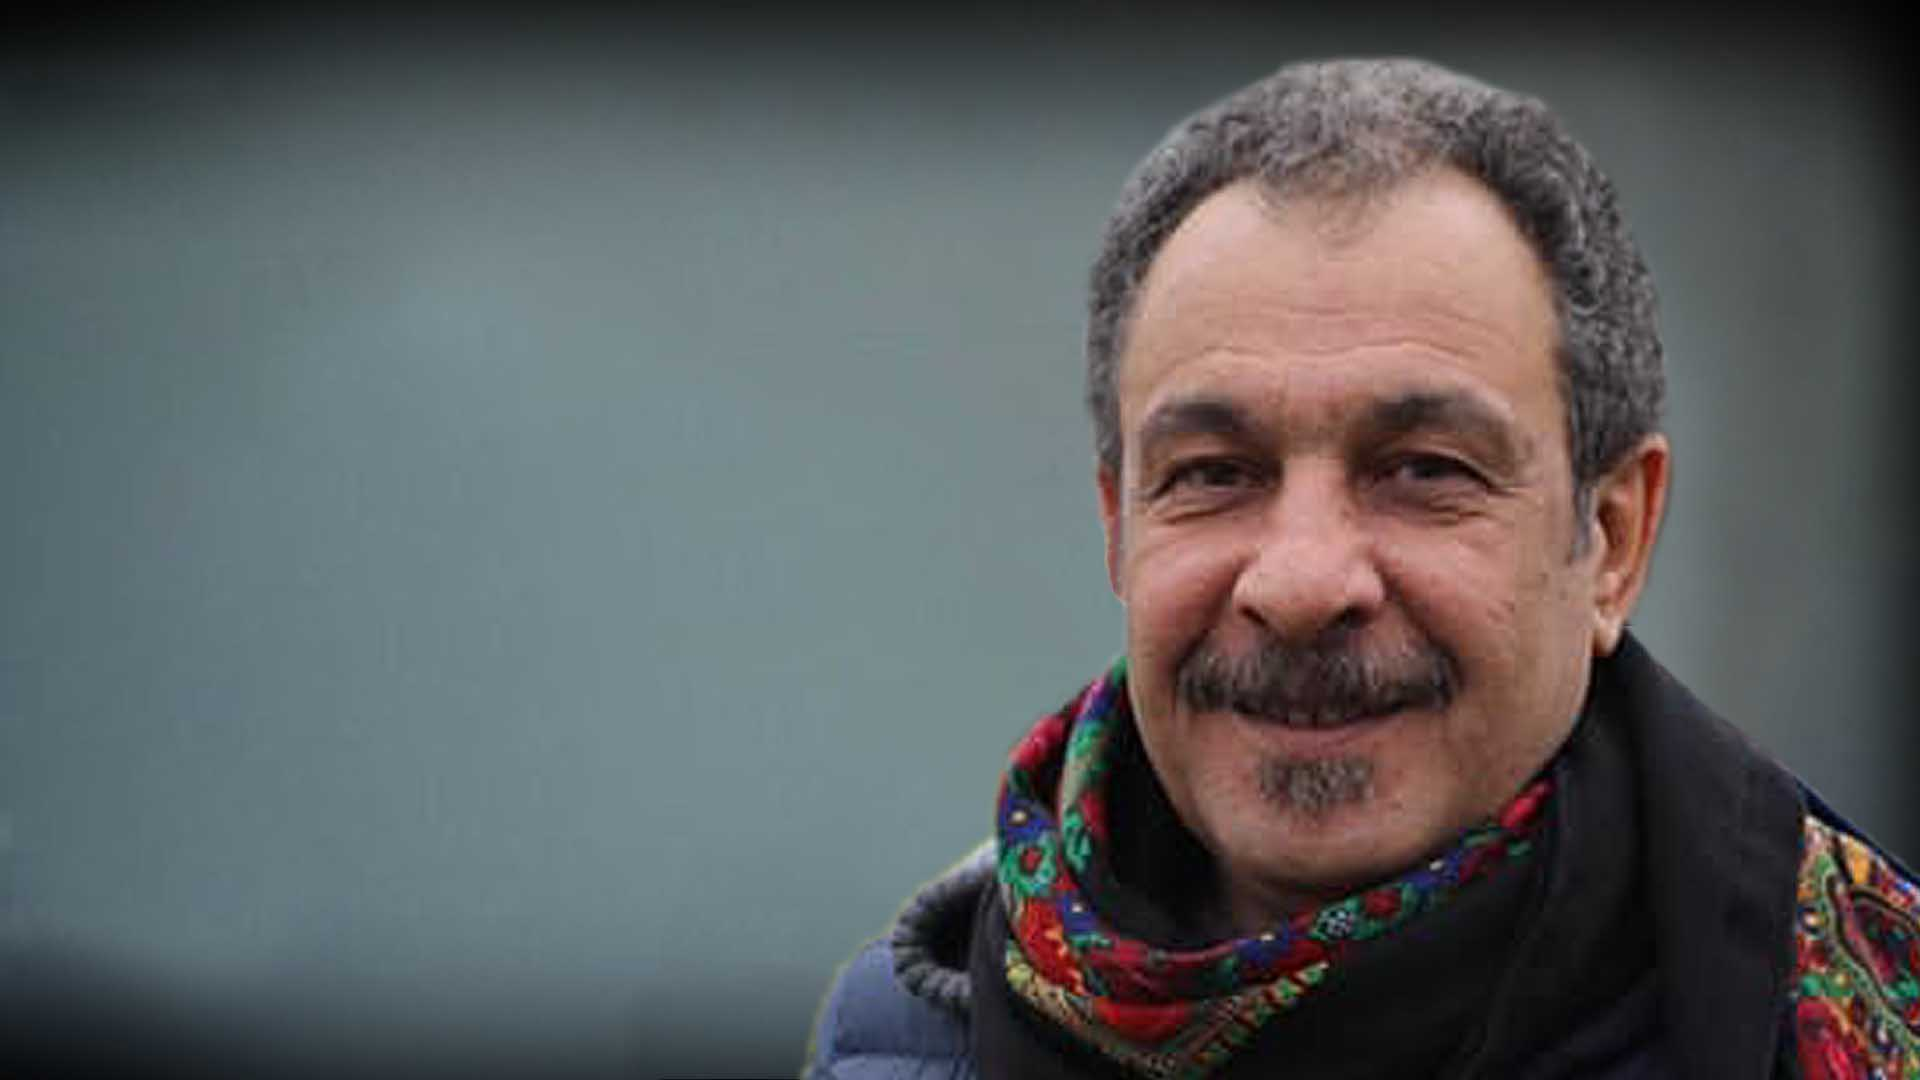 خضر عبد الكريم: طموحي بالتغيير والثورة أوصلني إلى السجن في جمهورية الرعب الأسدية